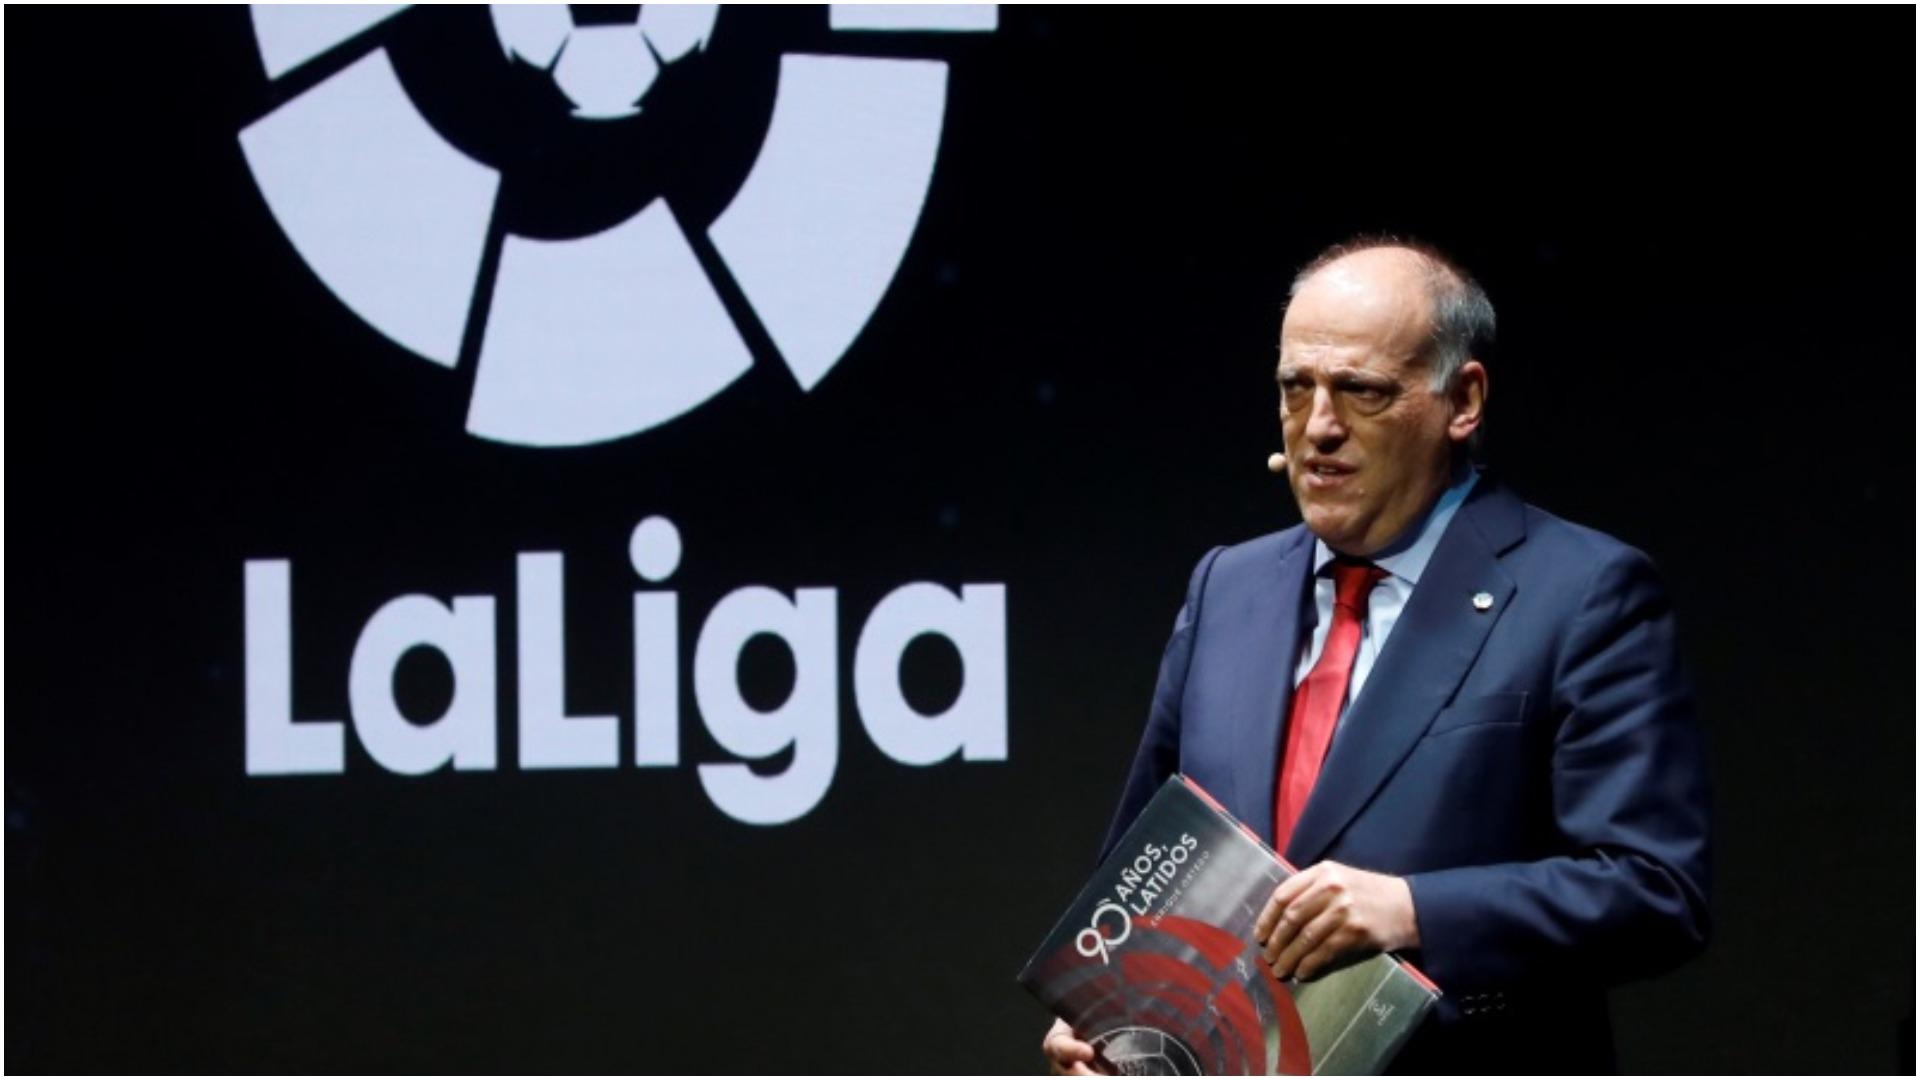 Rikthimi i tifozëve në La Liga, deklaratë shpresëdhënëse nga presidenti Tebas